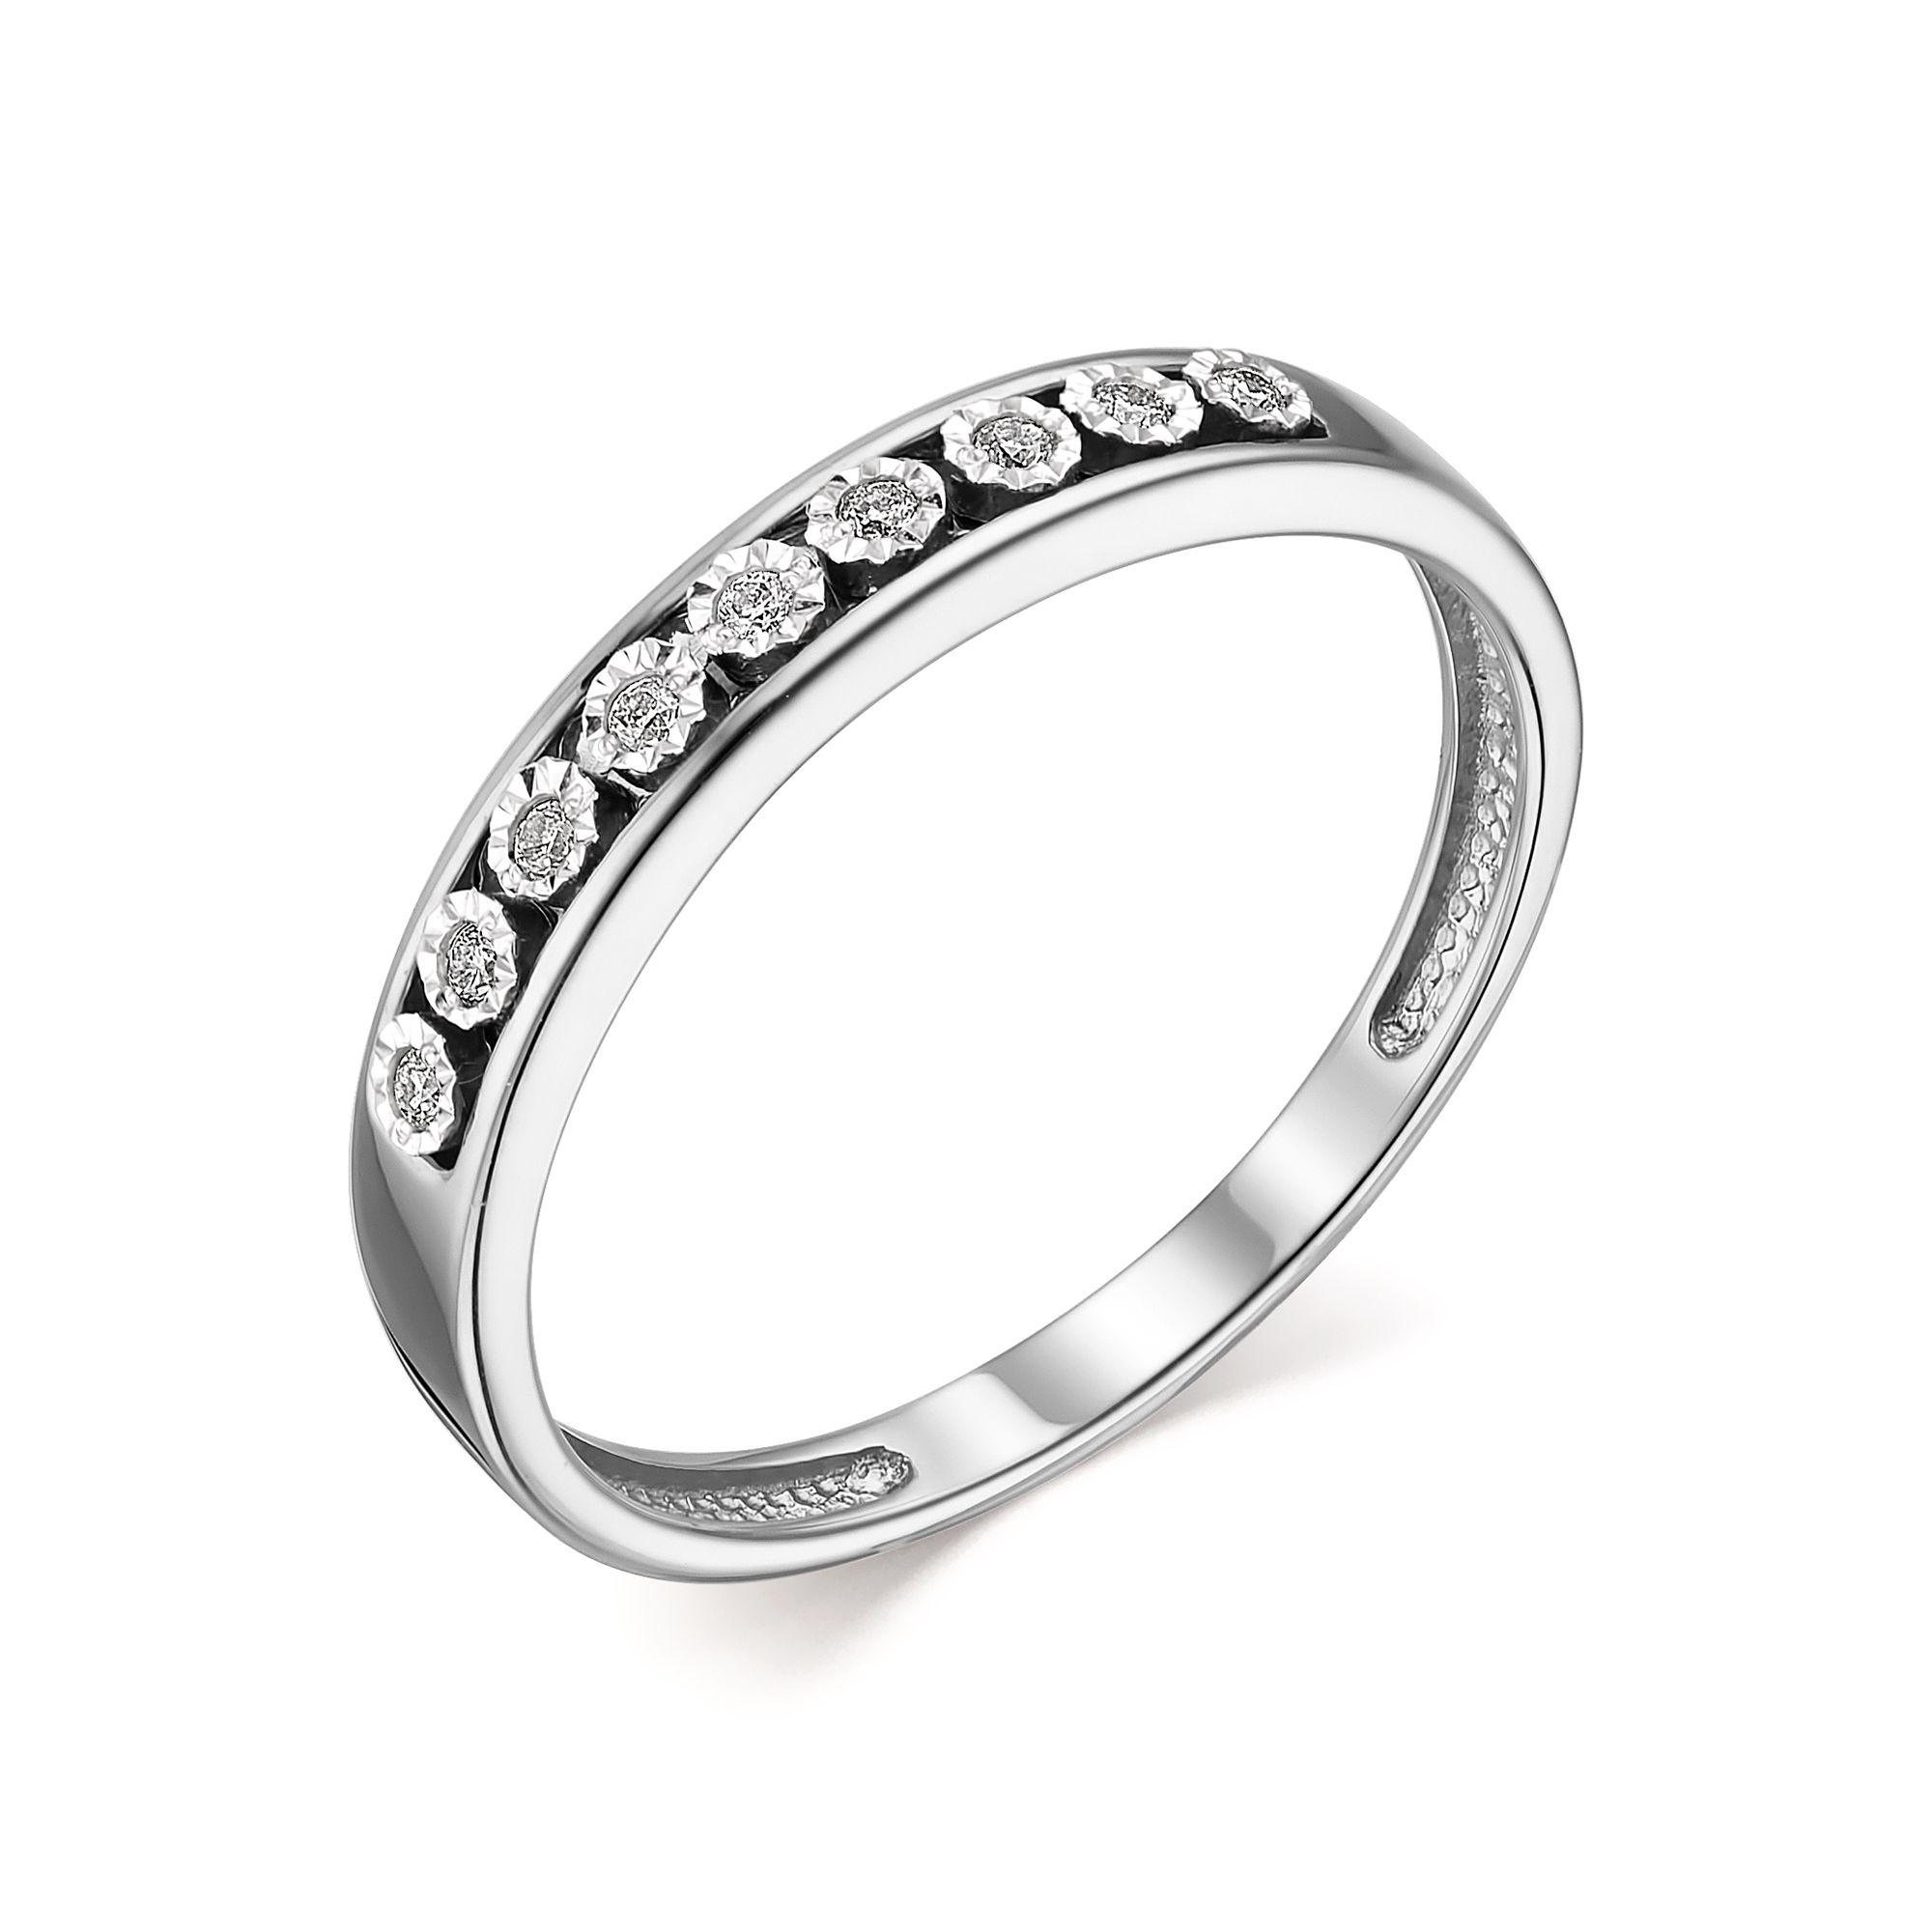 Кольцо женское АЛЬКОР 13747-200 из золота, бриллиант, р. 16.5